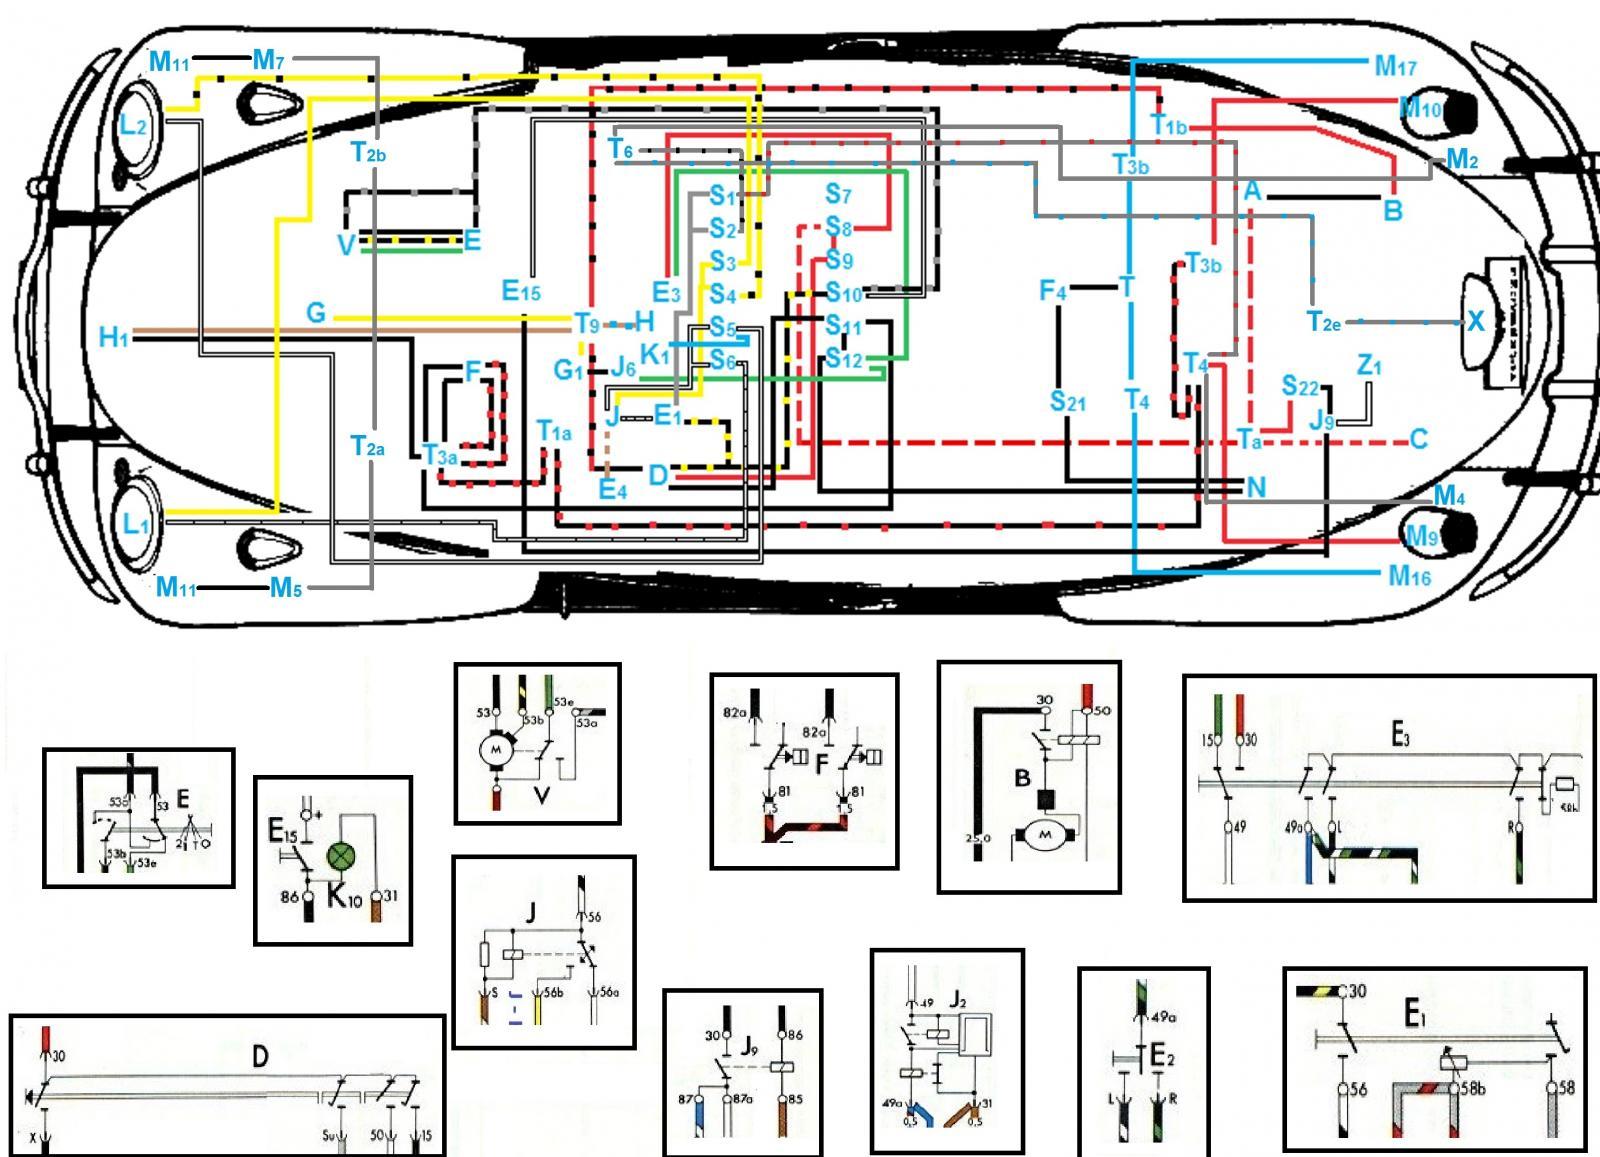 [SCHEMATICS_4JK]  2001 Volkswagen Beetle Wiring Diagram - 4850 John Deere Fuse Box for Wiring  Diagram Schematics | 2000 Vw Beetle Wiring Diagram |  | Wiring Diagram Schematics